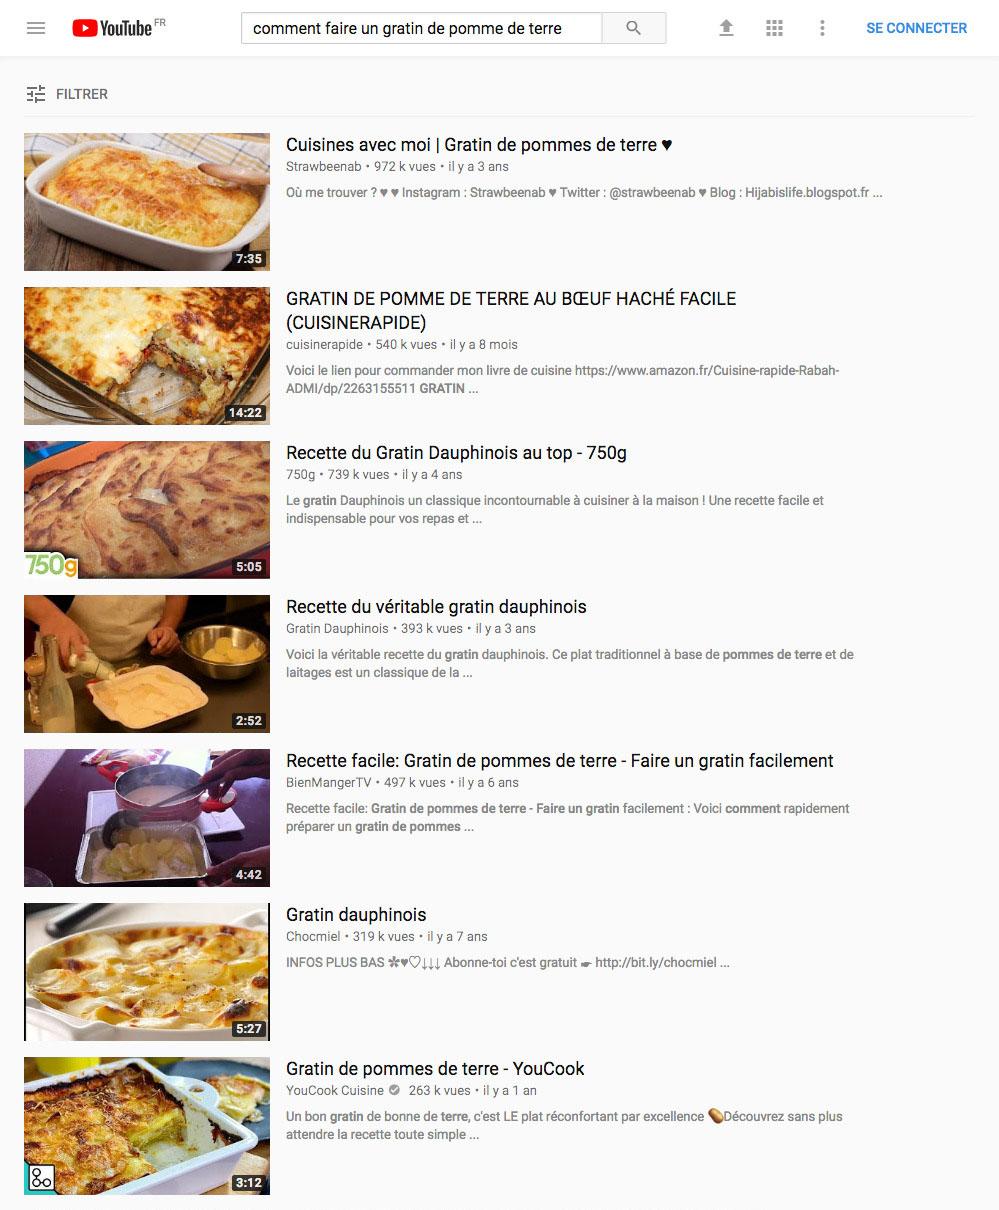 comment faire un gratin de pomme de terre - youtube avoir plus de vues